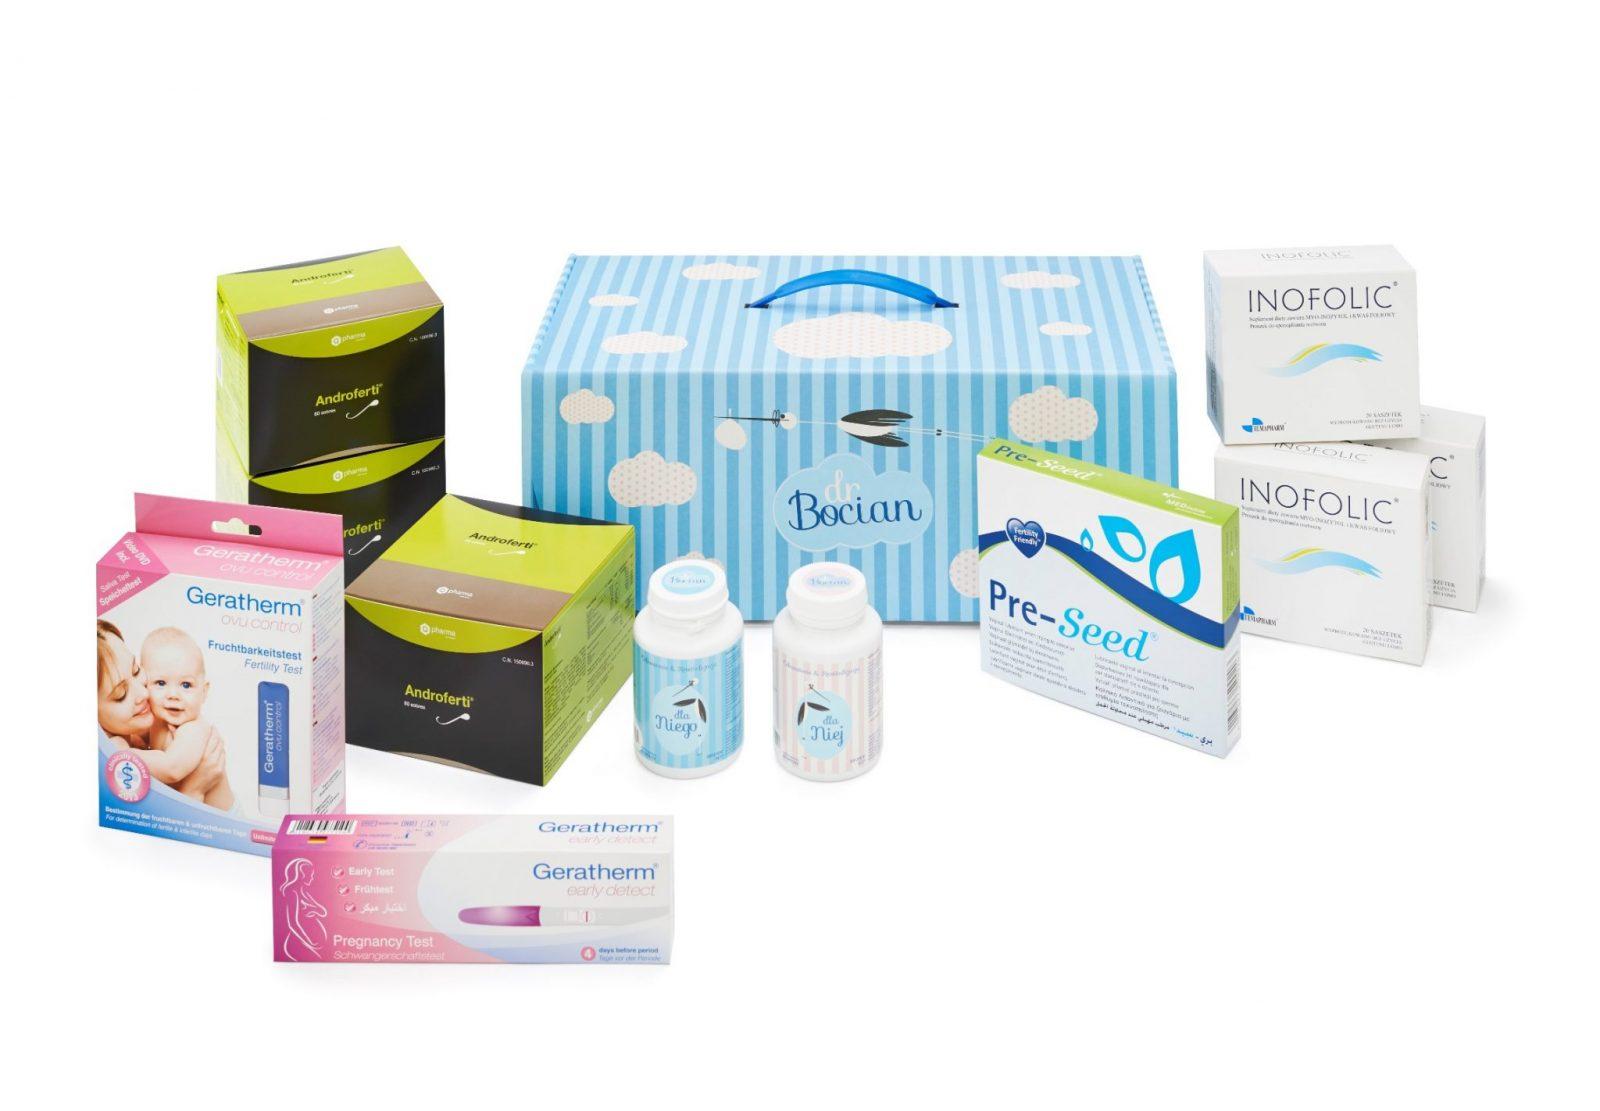 Zestaw drBocian – produkty medyczne wspomagające ciążę